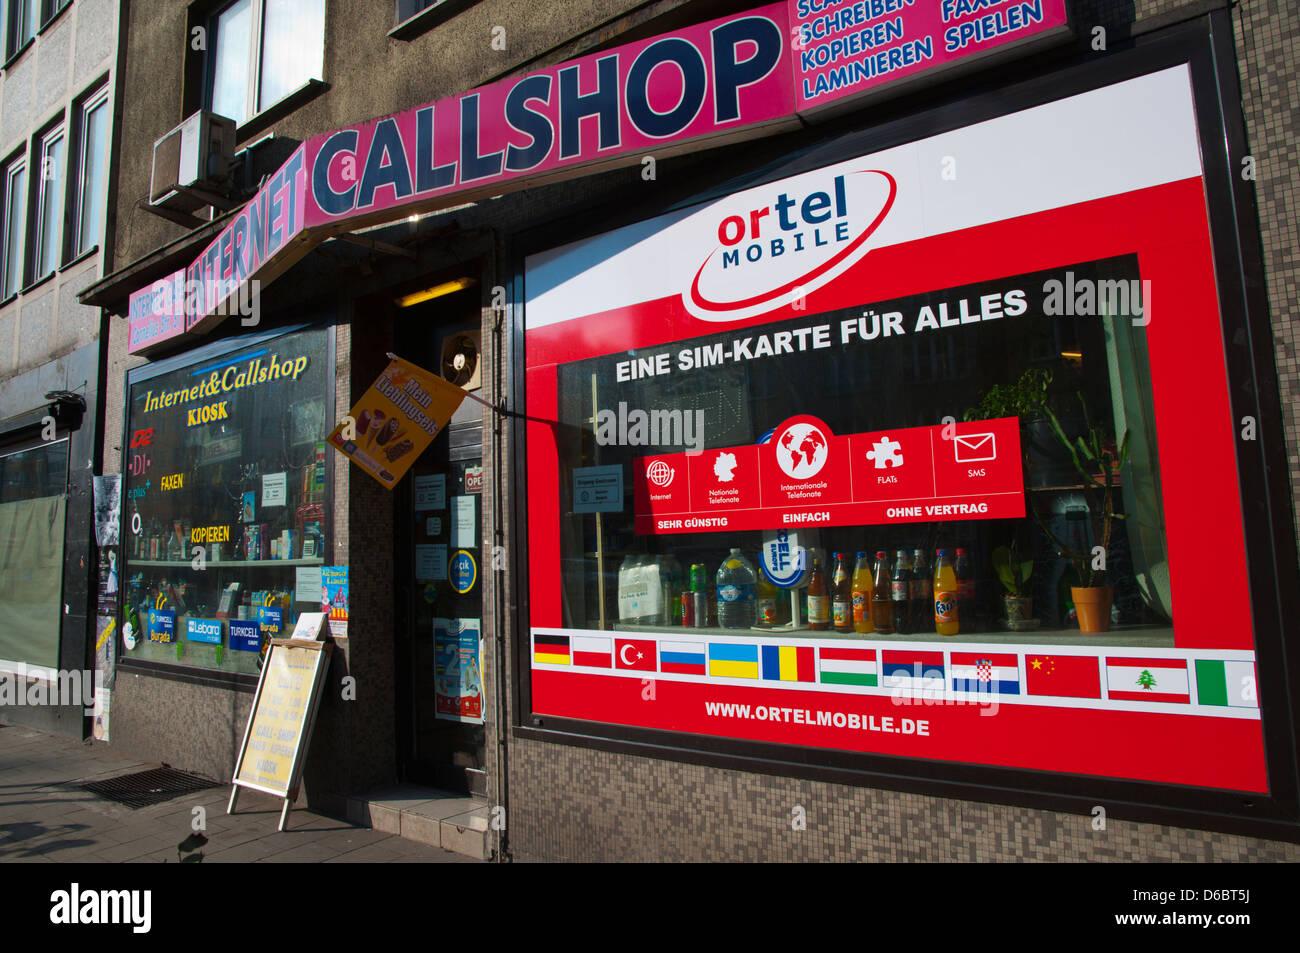 Internet Cafe New York Upper East Side